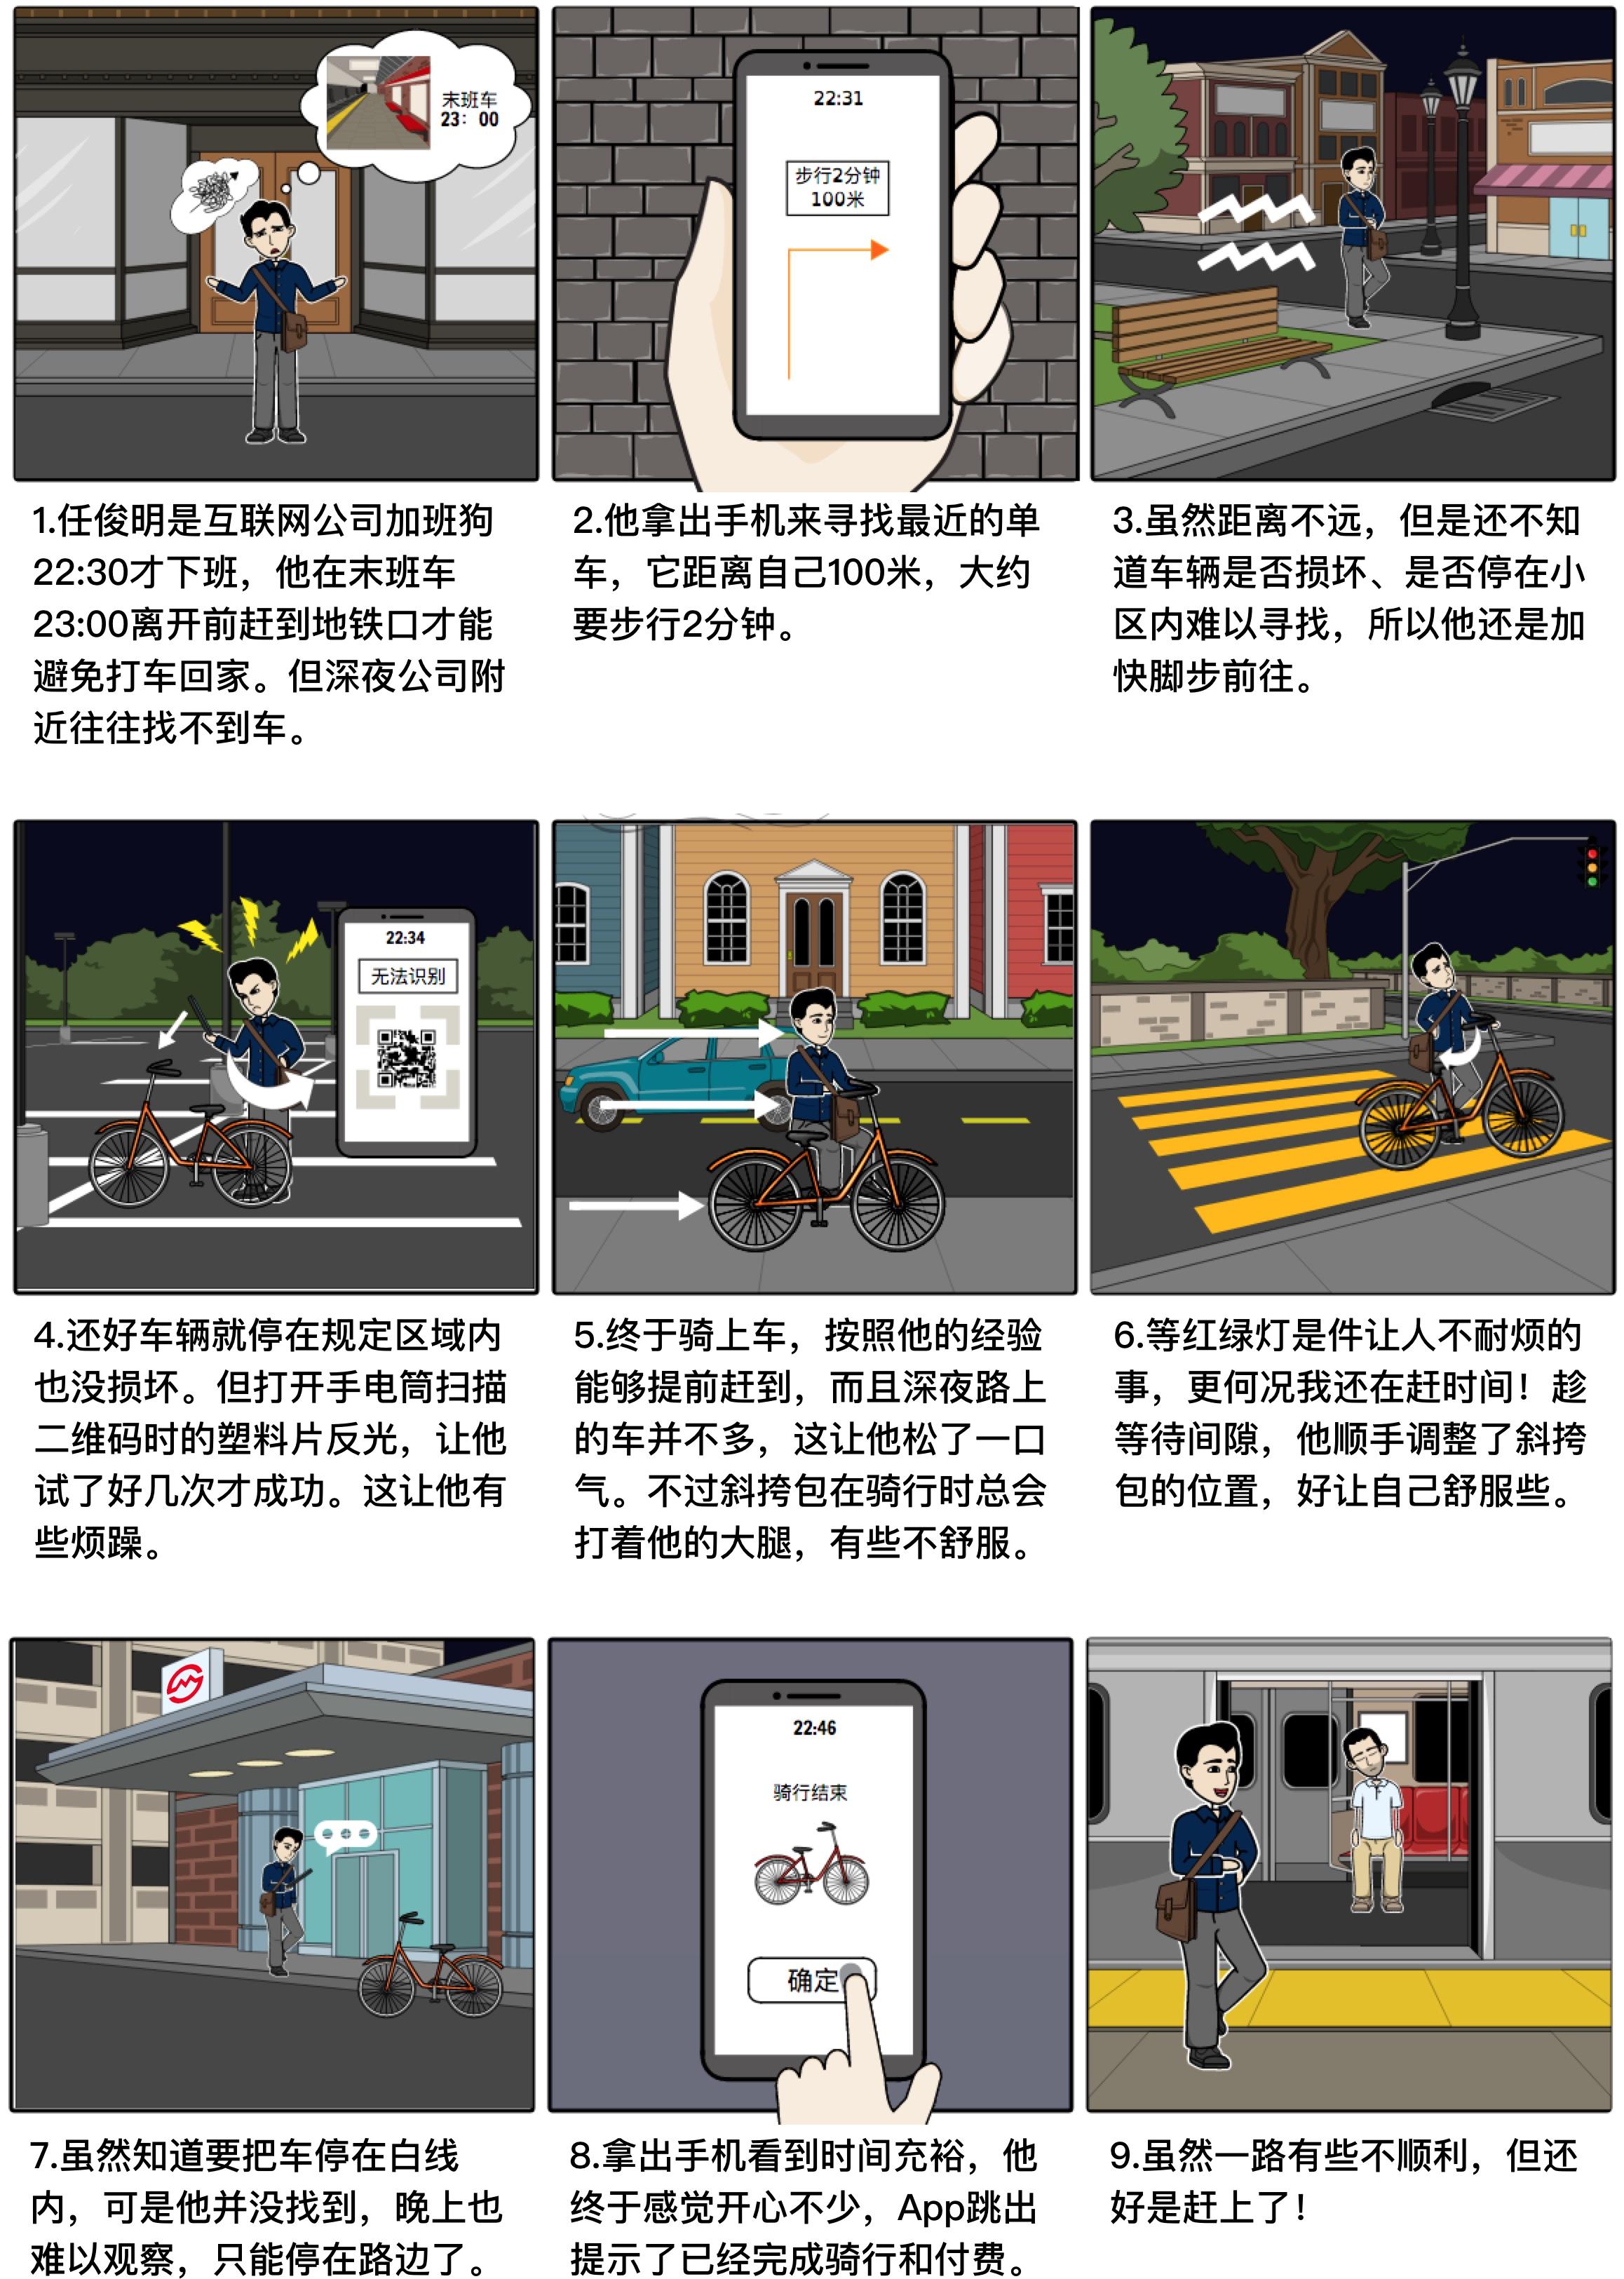 还原现场、生动传达——如何设计「行为旅程图和故事板」?